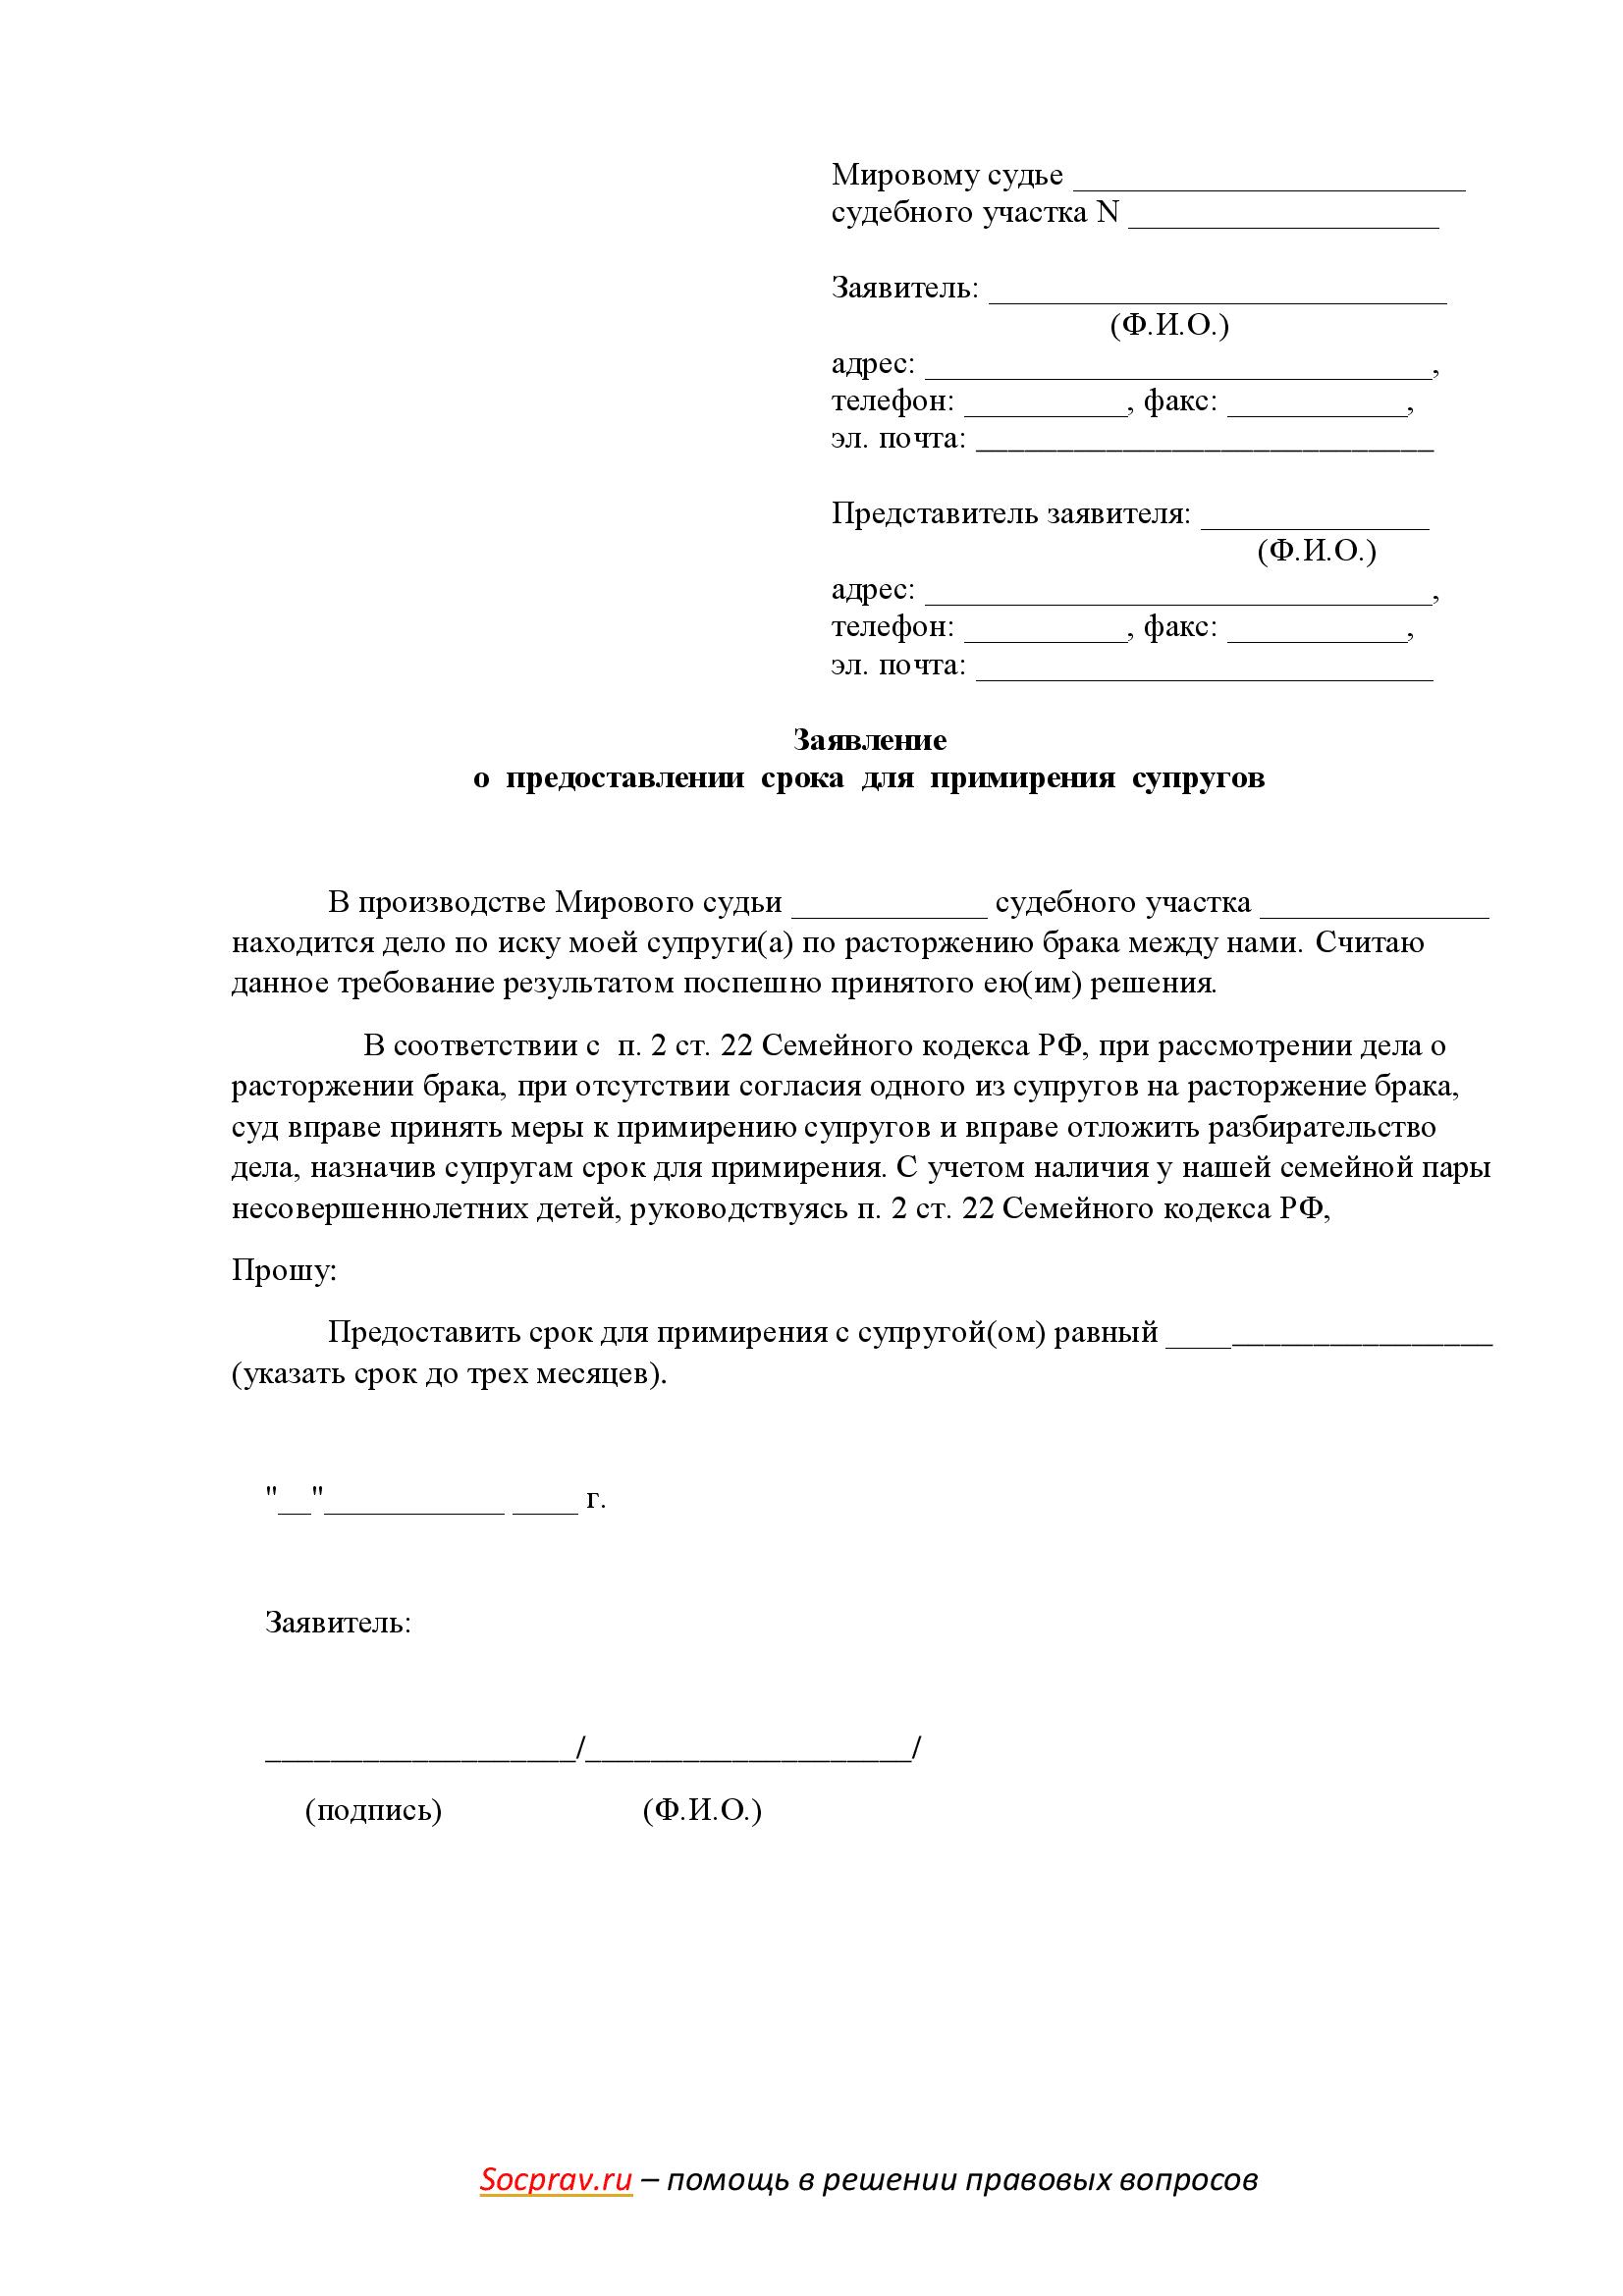 Заявление о предоставлении срока для примирения супругов